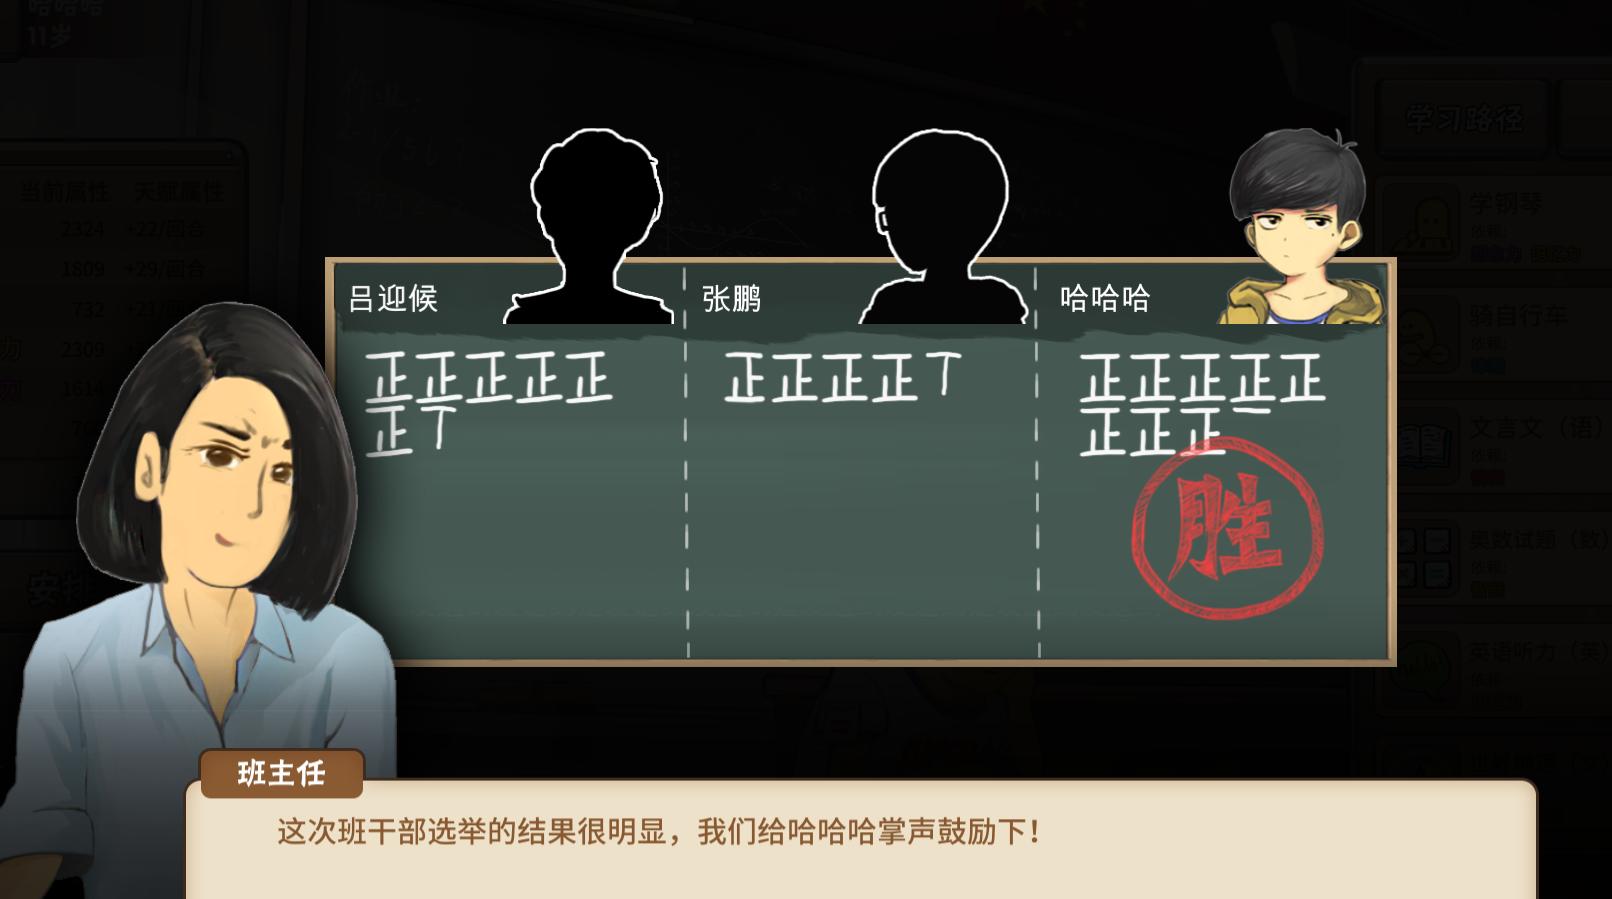 中国式家长怎么选班干部?成功的办法在这里